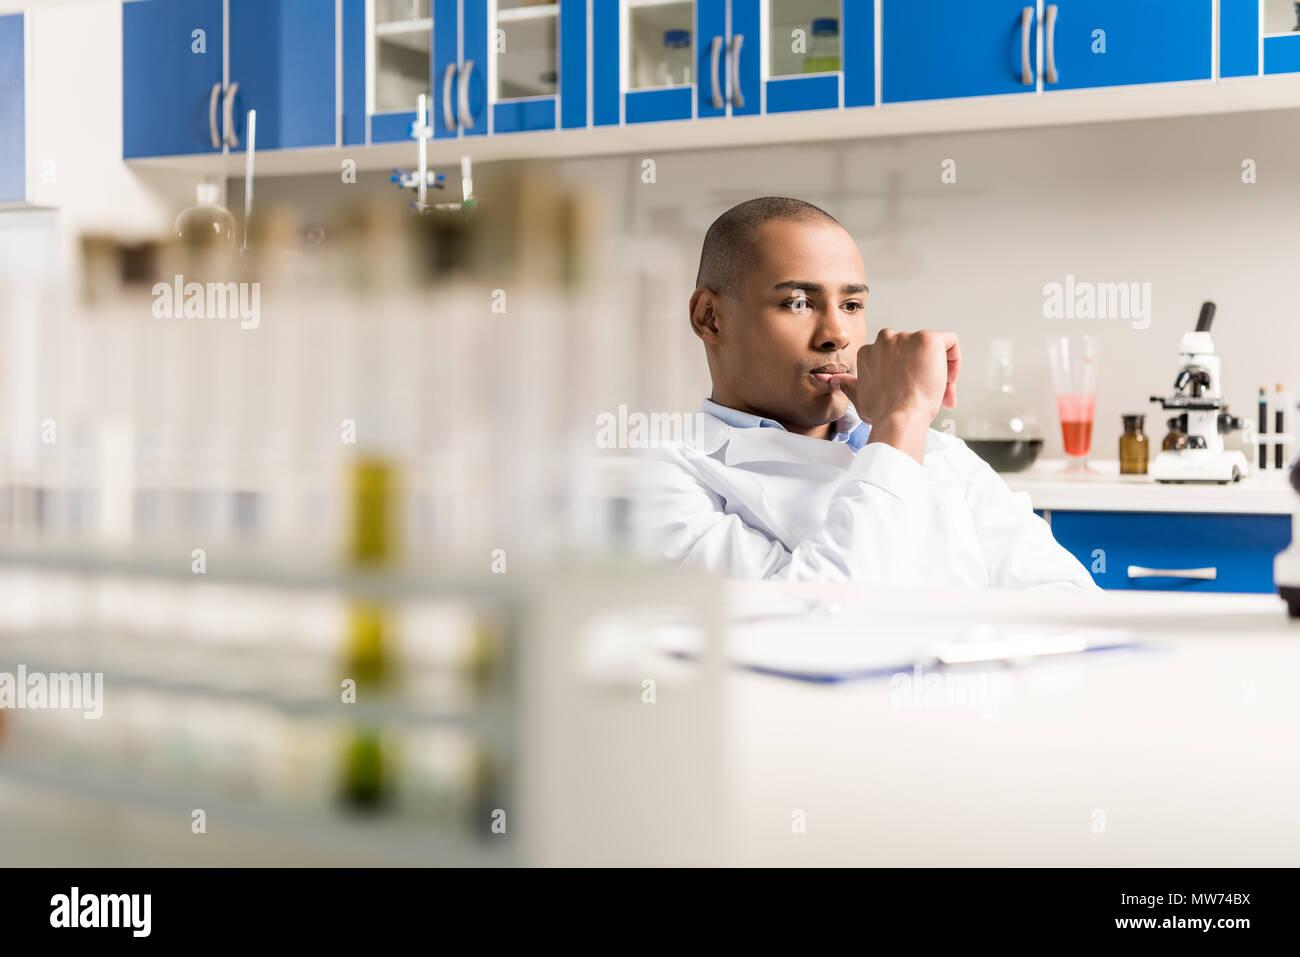 Libre pendant le travail au laboratoire de biologie moderne sitting with hand on chin Banque D'Images